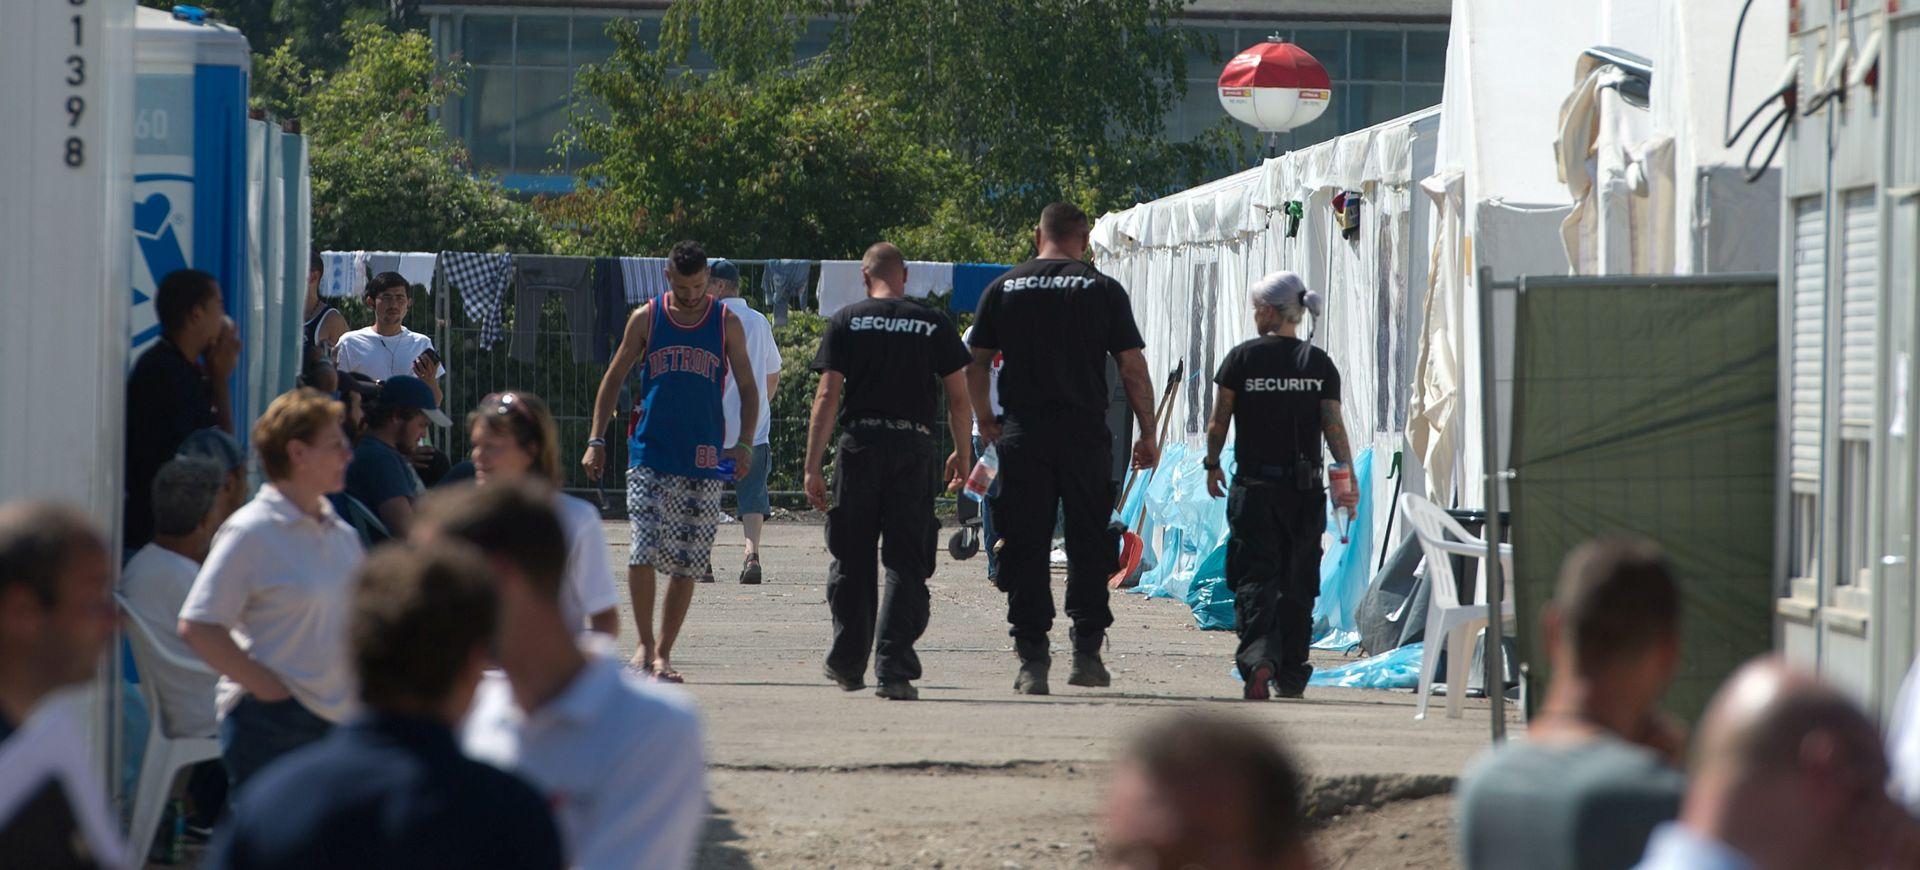 NAJVIŠA RAZINA U ZADNJIH DESET GODINA Petina Nijemaca ima migracijsku pozadinu